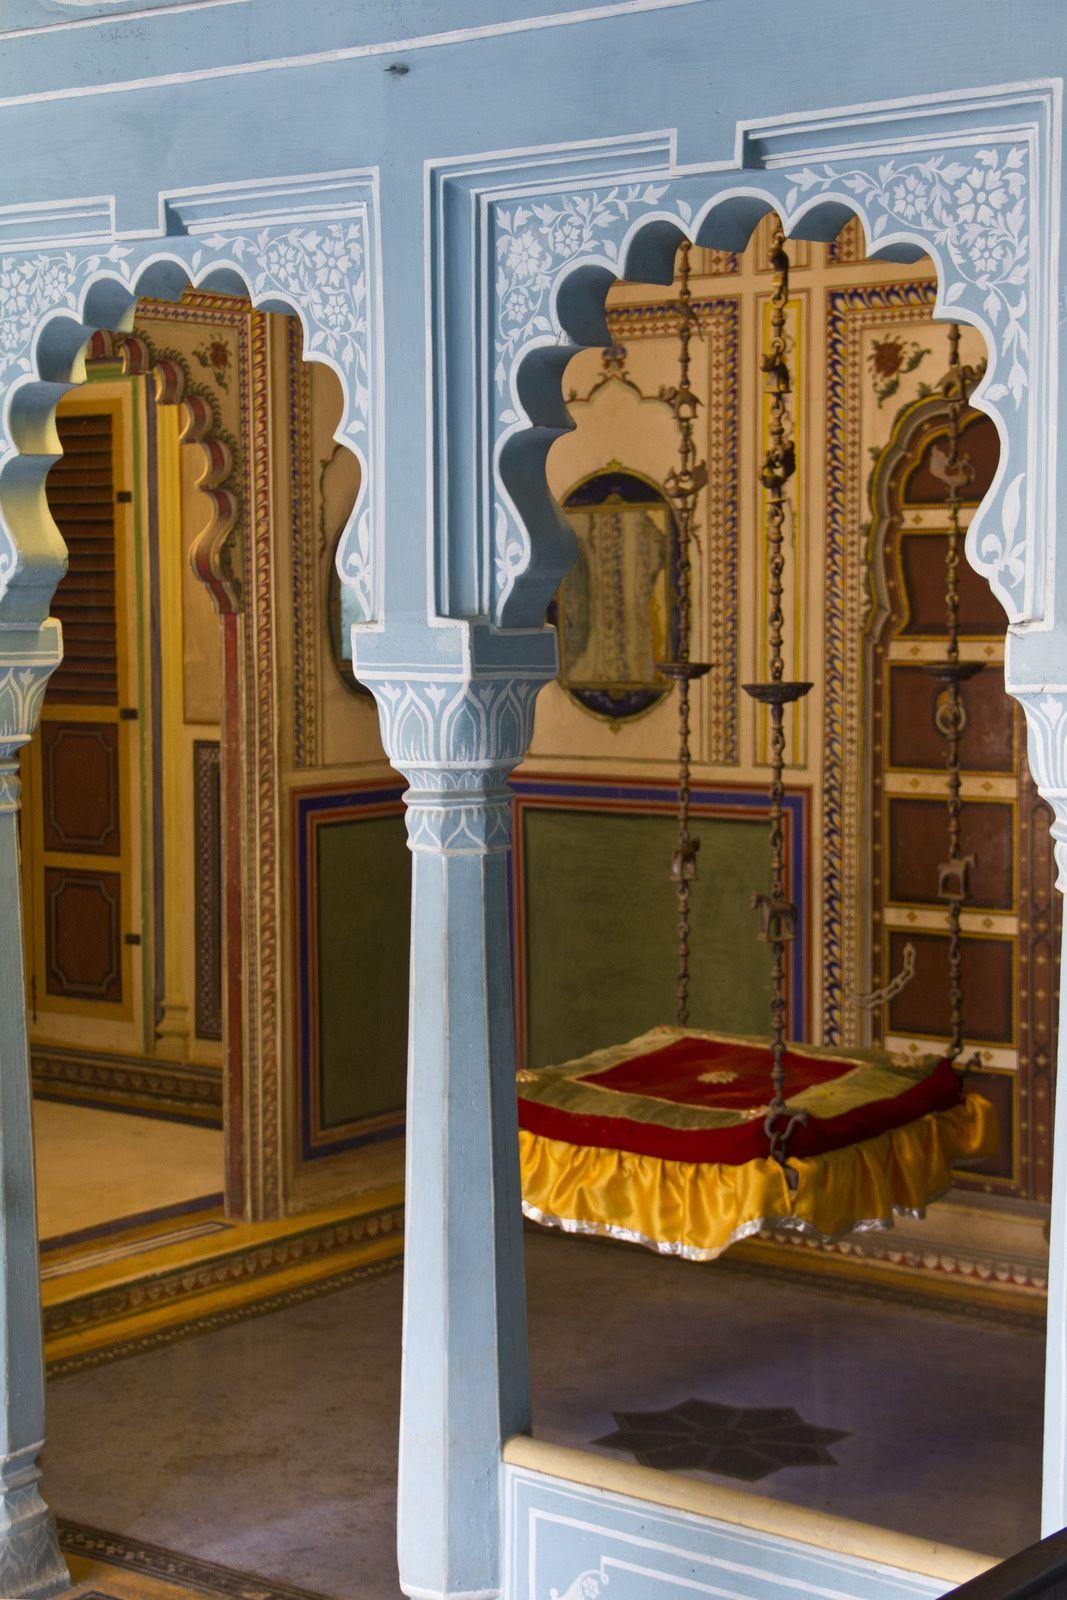 Vues de la décoration intérieure, dont deux portes en ivoire